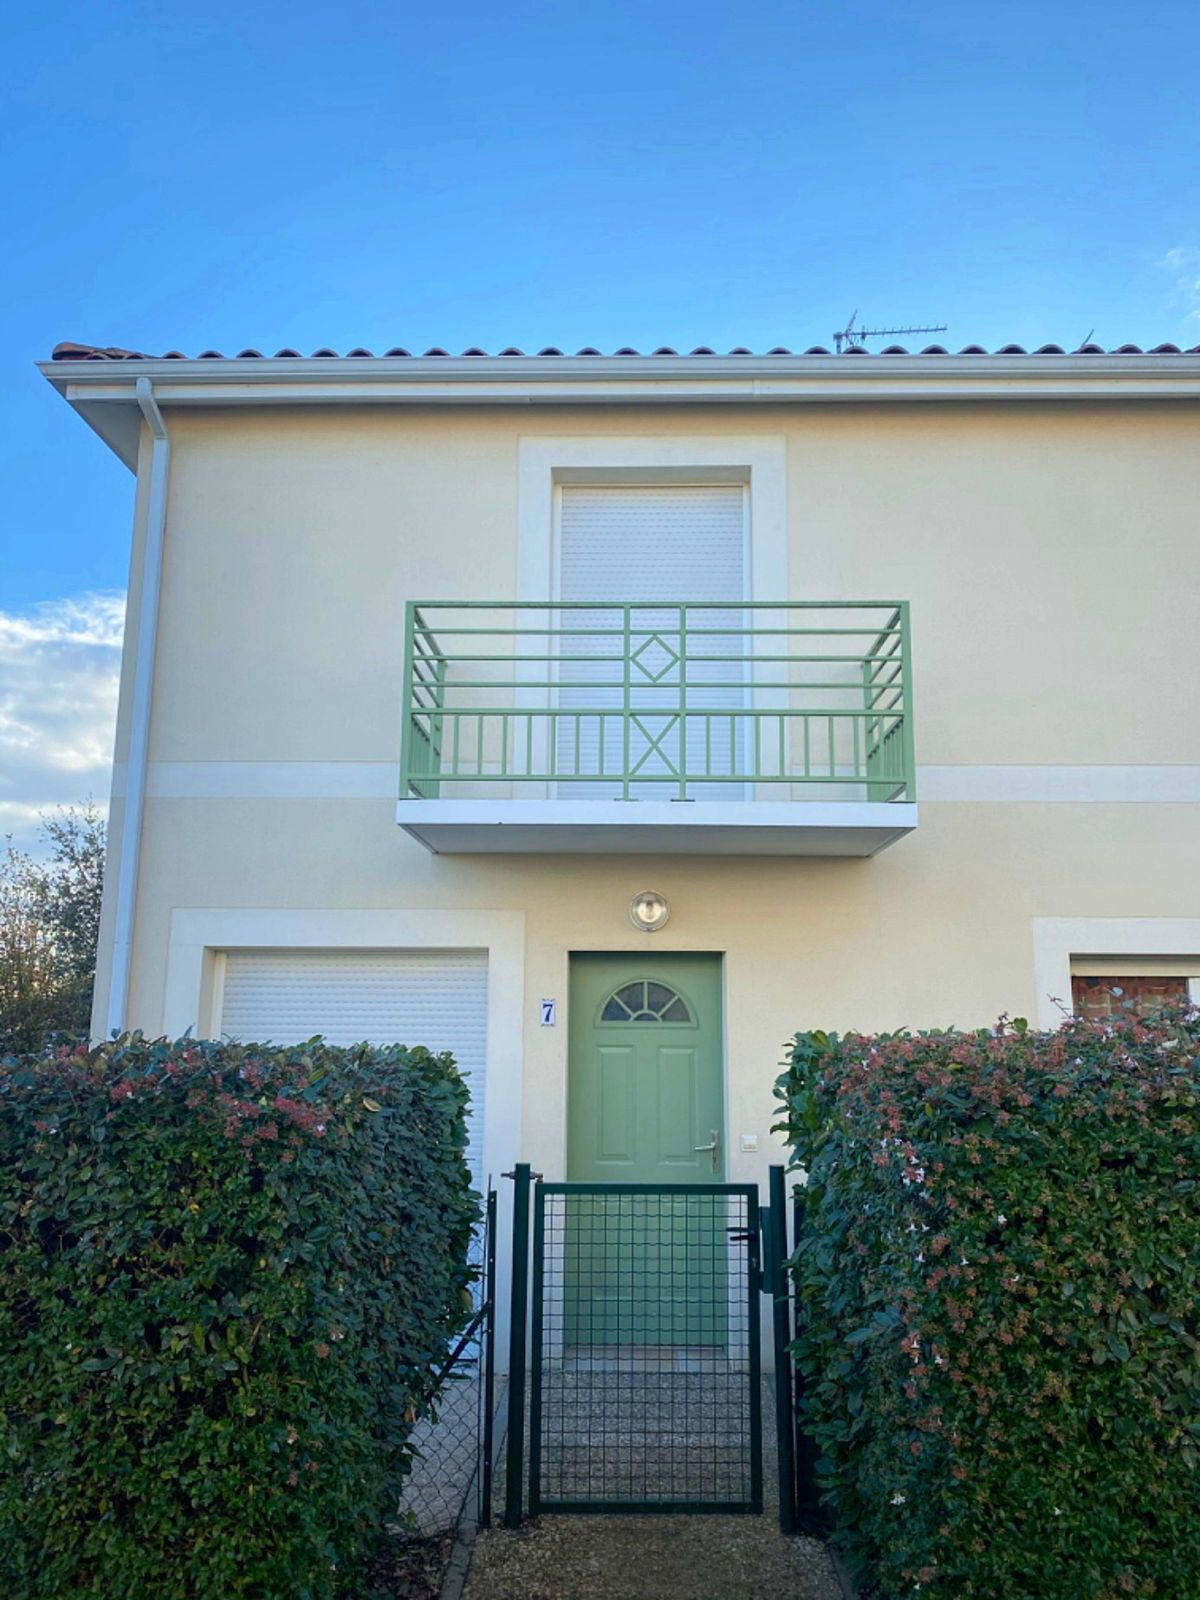 Vends petite maison avec jardin - 3chambres, 80m²